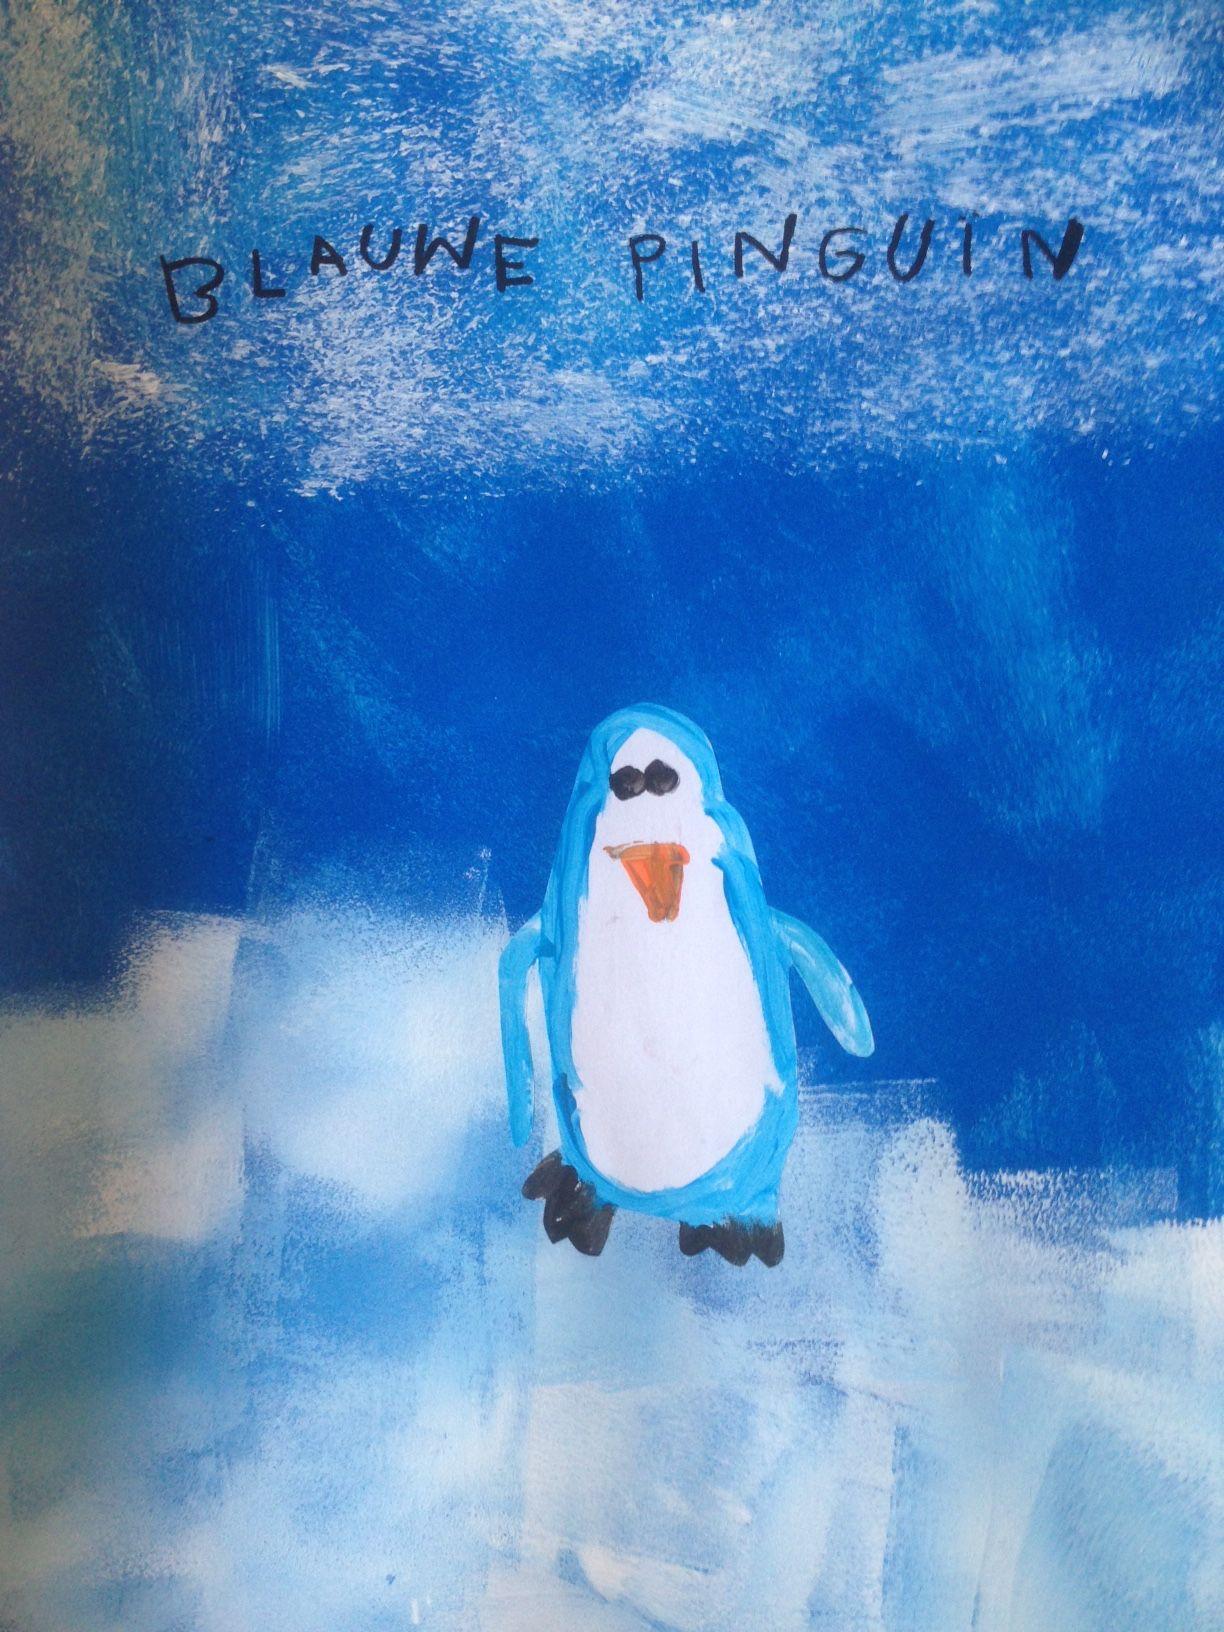 """Blauwe Pinguïn uit het prentenboek """"Het lied van de blauwe pinguïn"""". Achtergrond 1. Donkerblauw met rollen 2. Witte ijslaag met rollen 3. Sneeuwstorm in de lucht met reliëfrol. Pinguïn schilderen met plakkaatverf en uitknippen."""